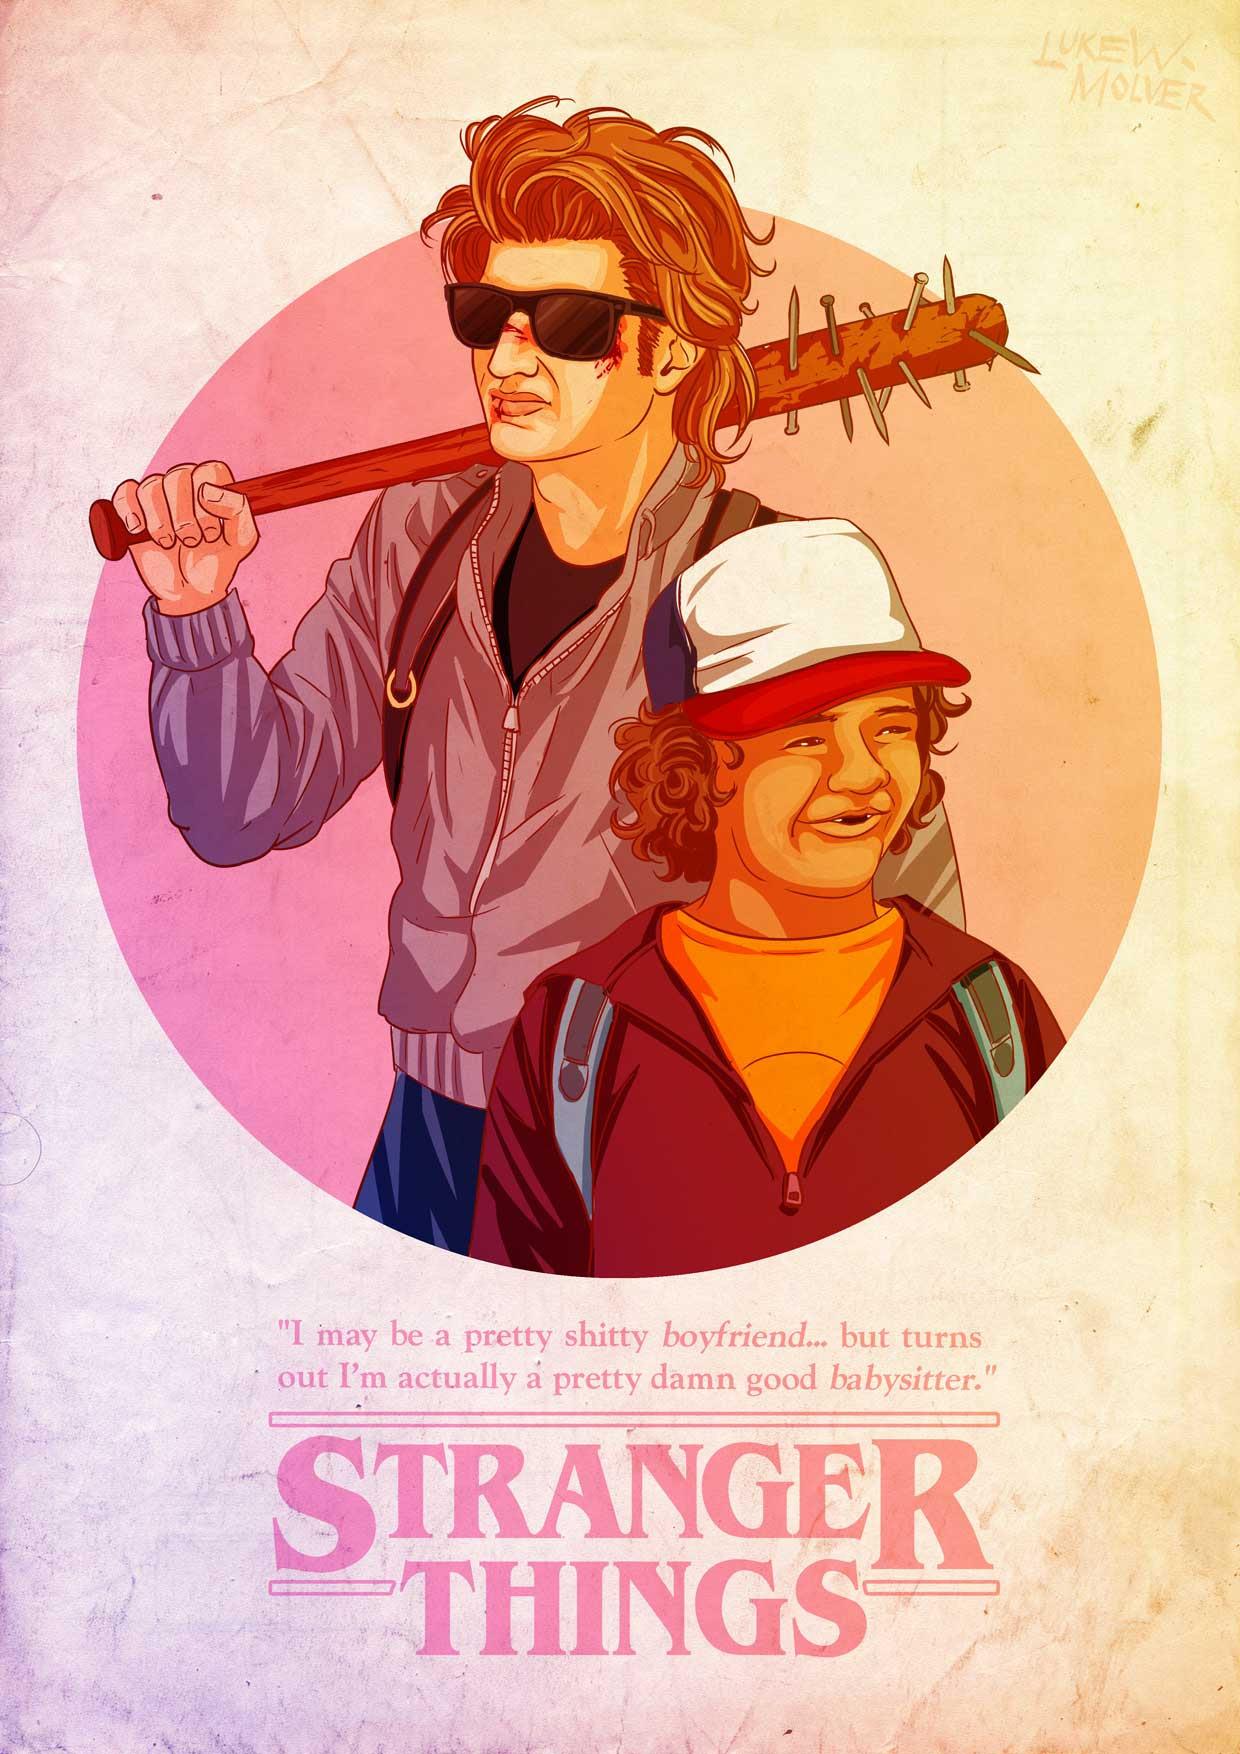 STRANGER THINGS / Fan Art #1 « Luke Molver - Illustrator ...